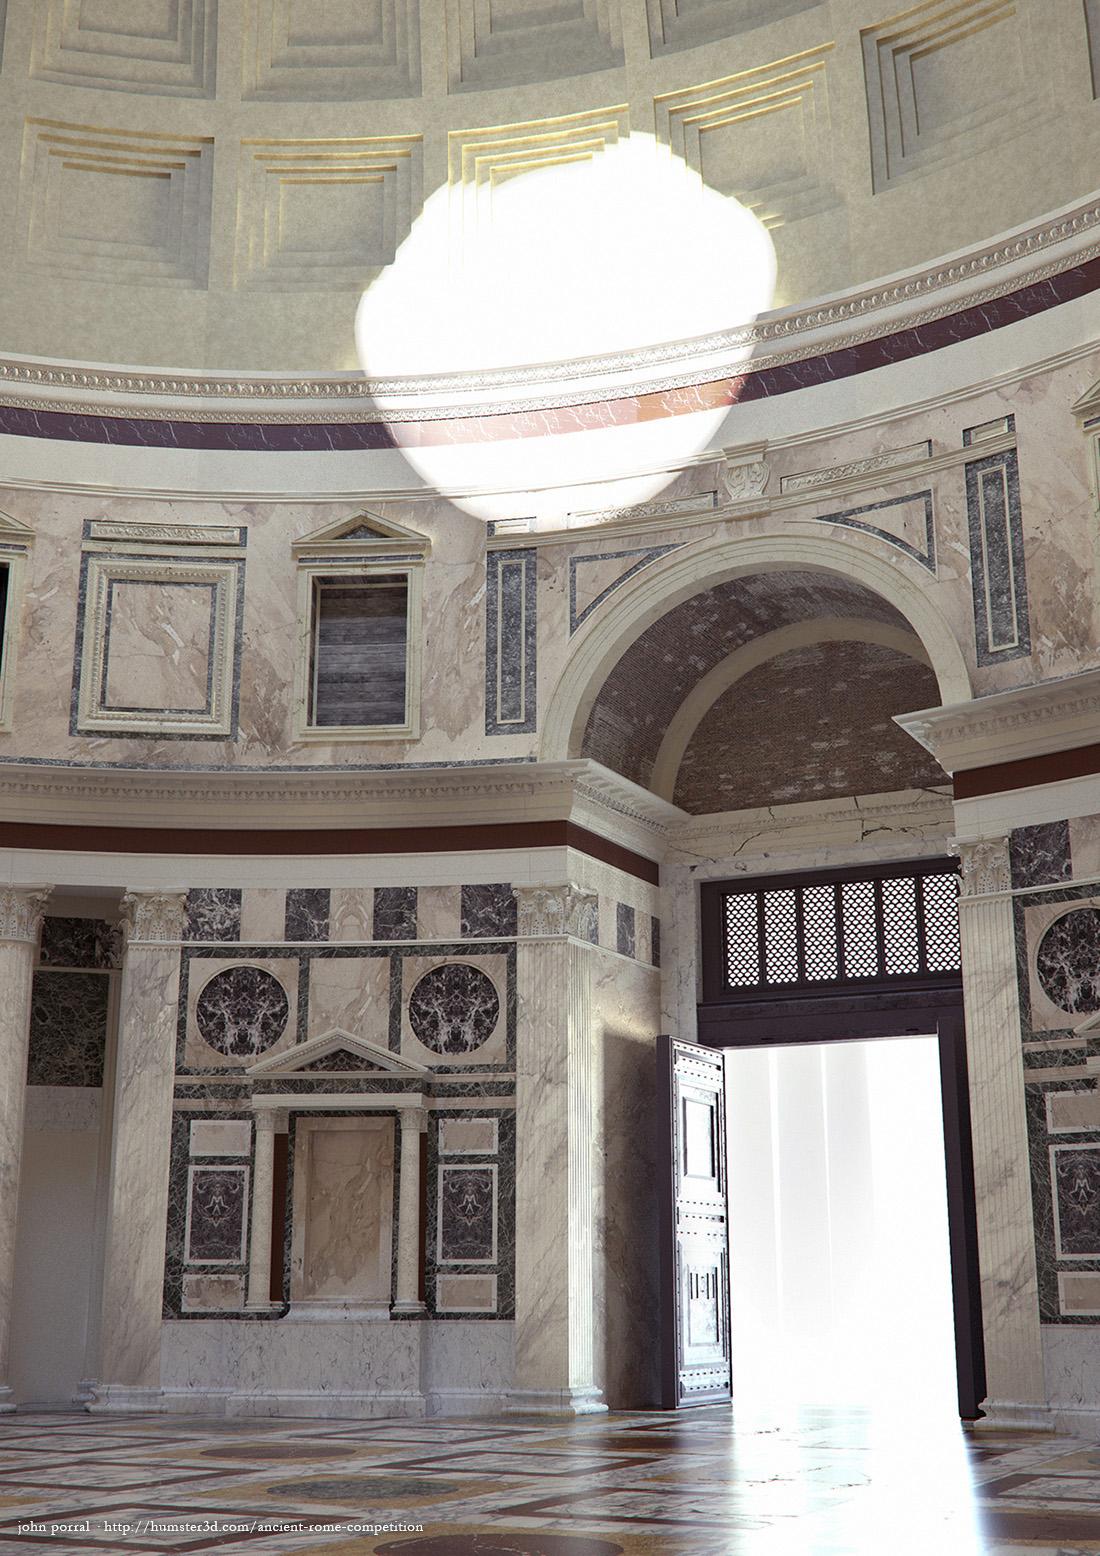 The Pantheon 3d art